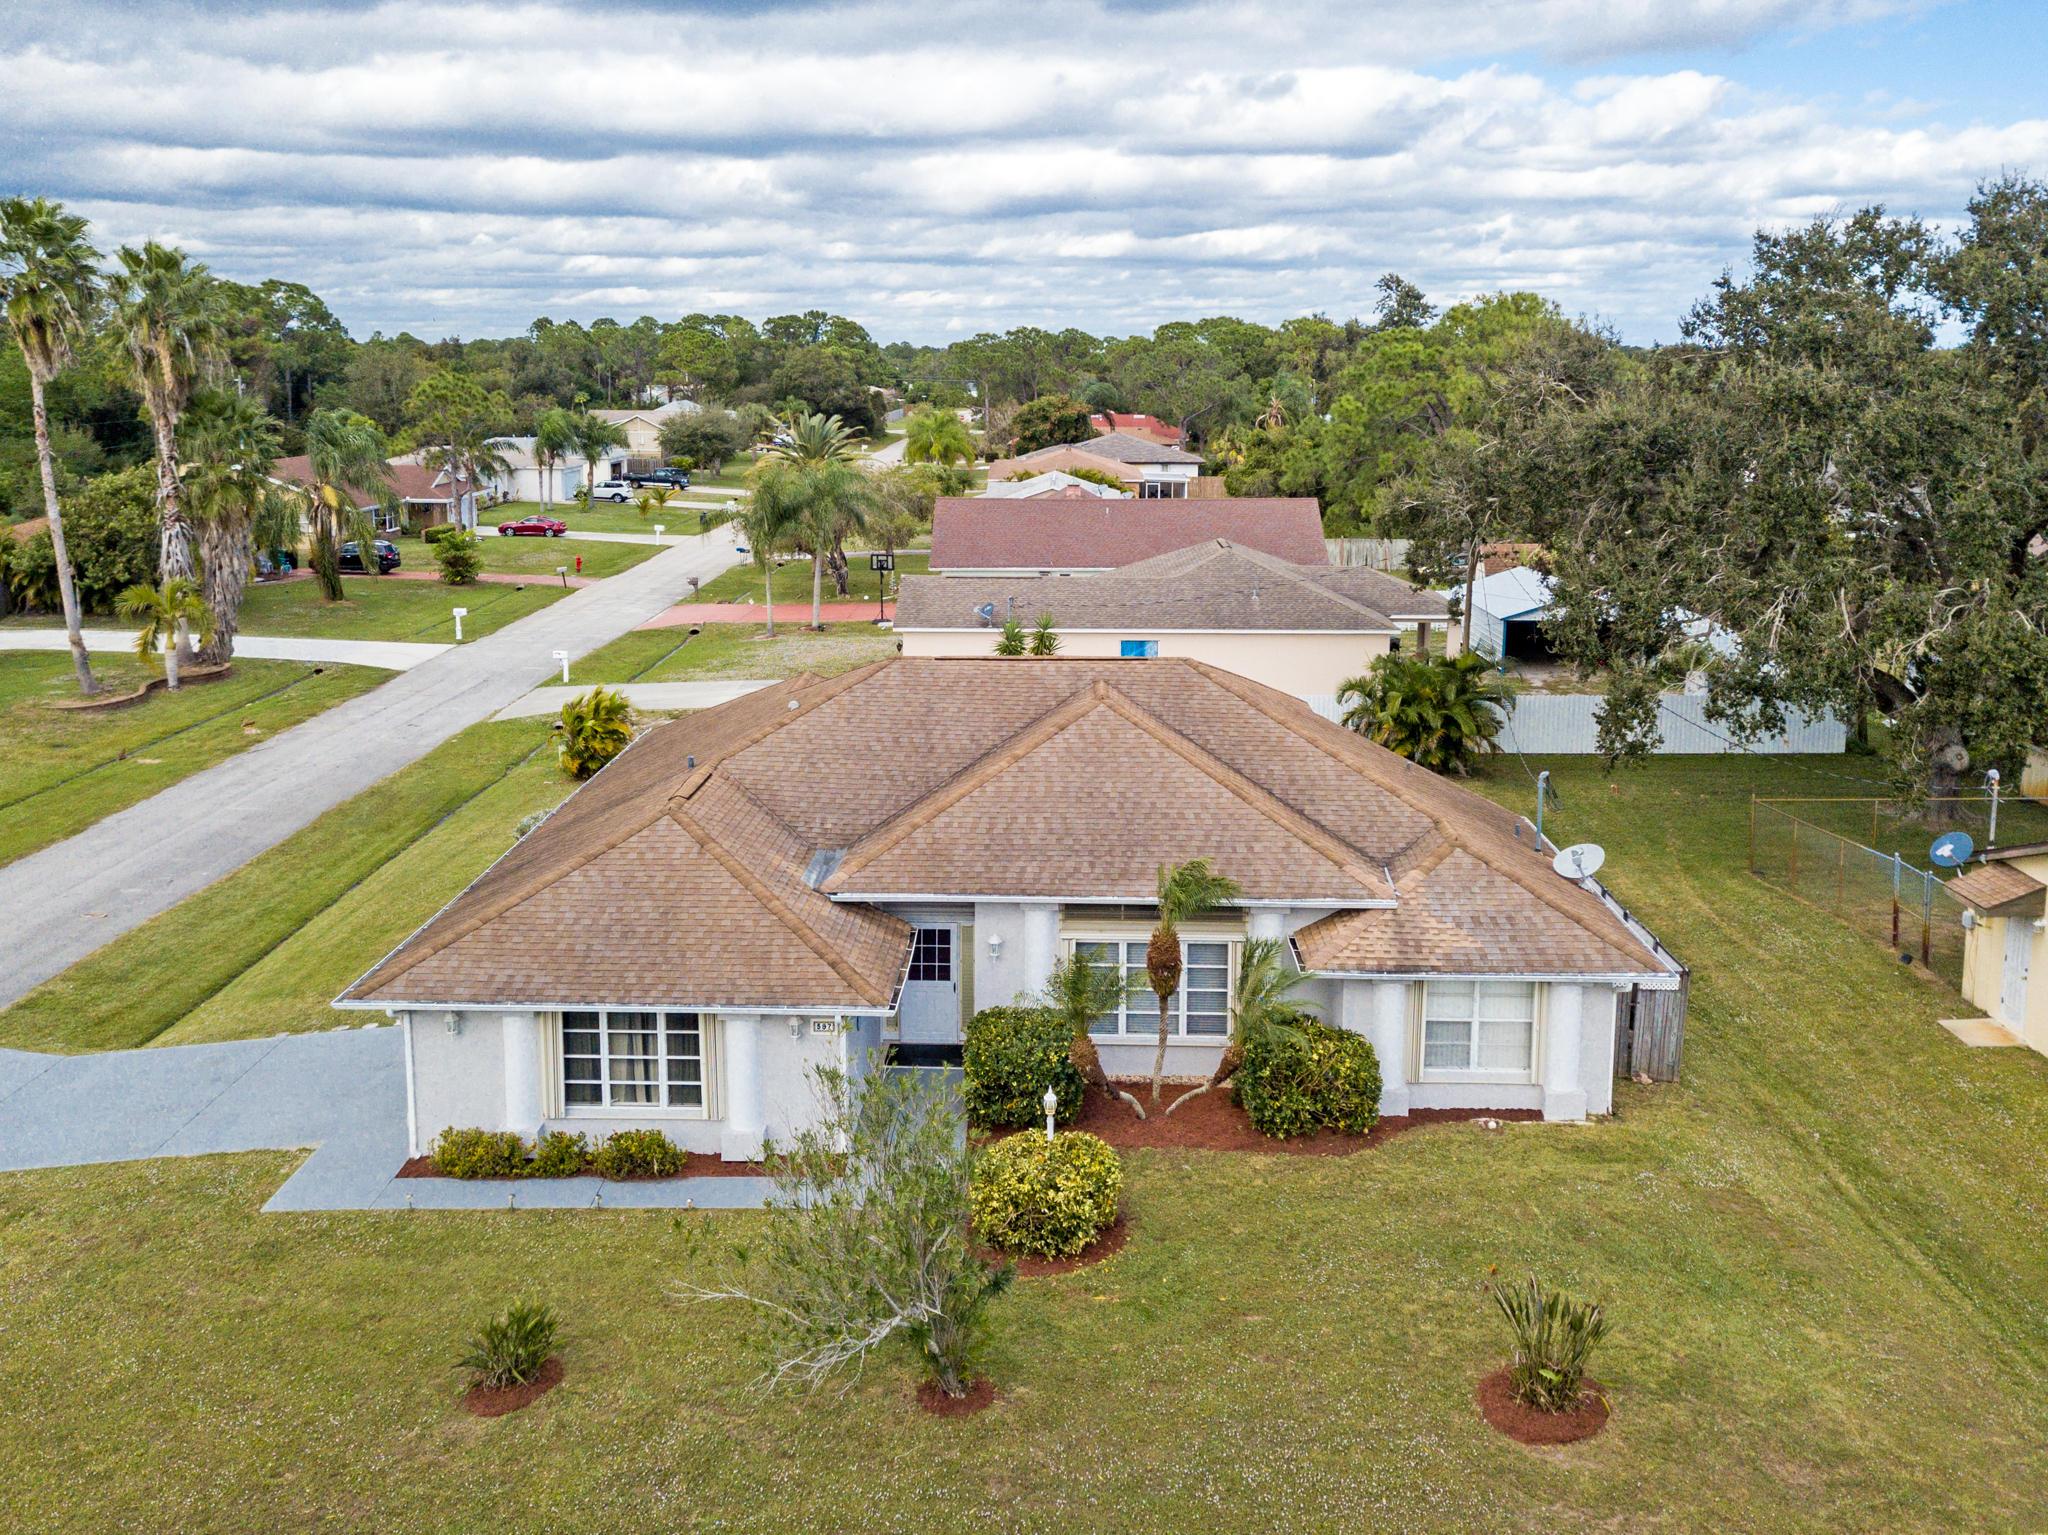 397 Nw Kilpatrick Avenue, Port Saint Lucie, FL 34983